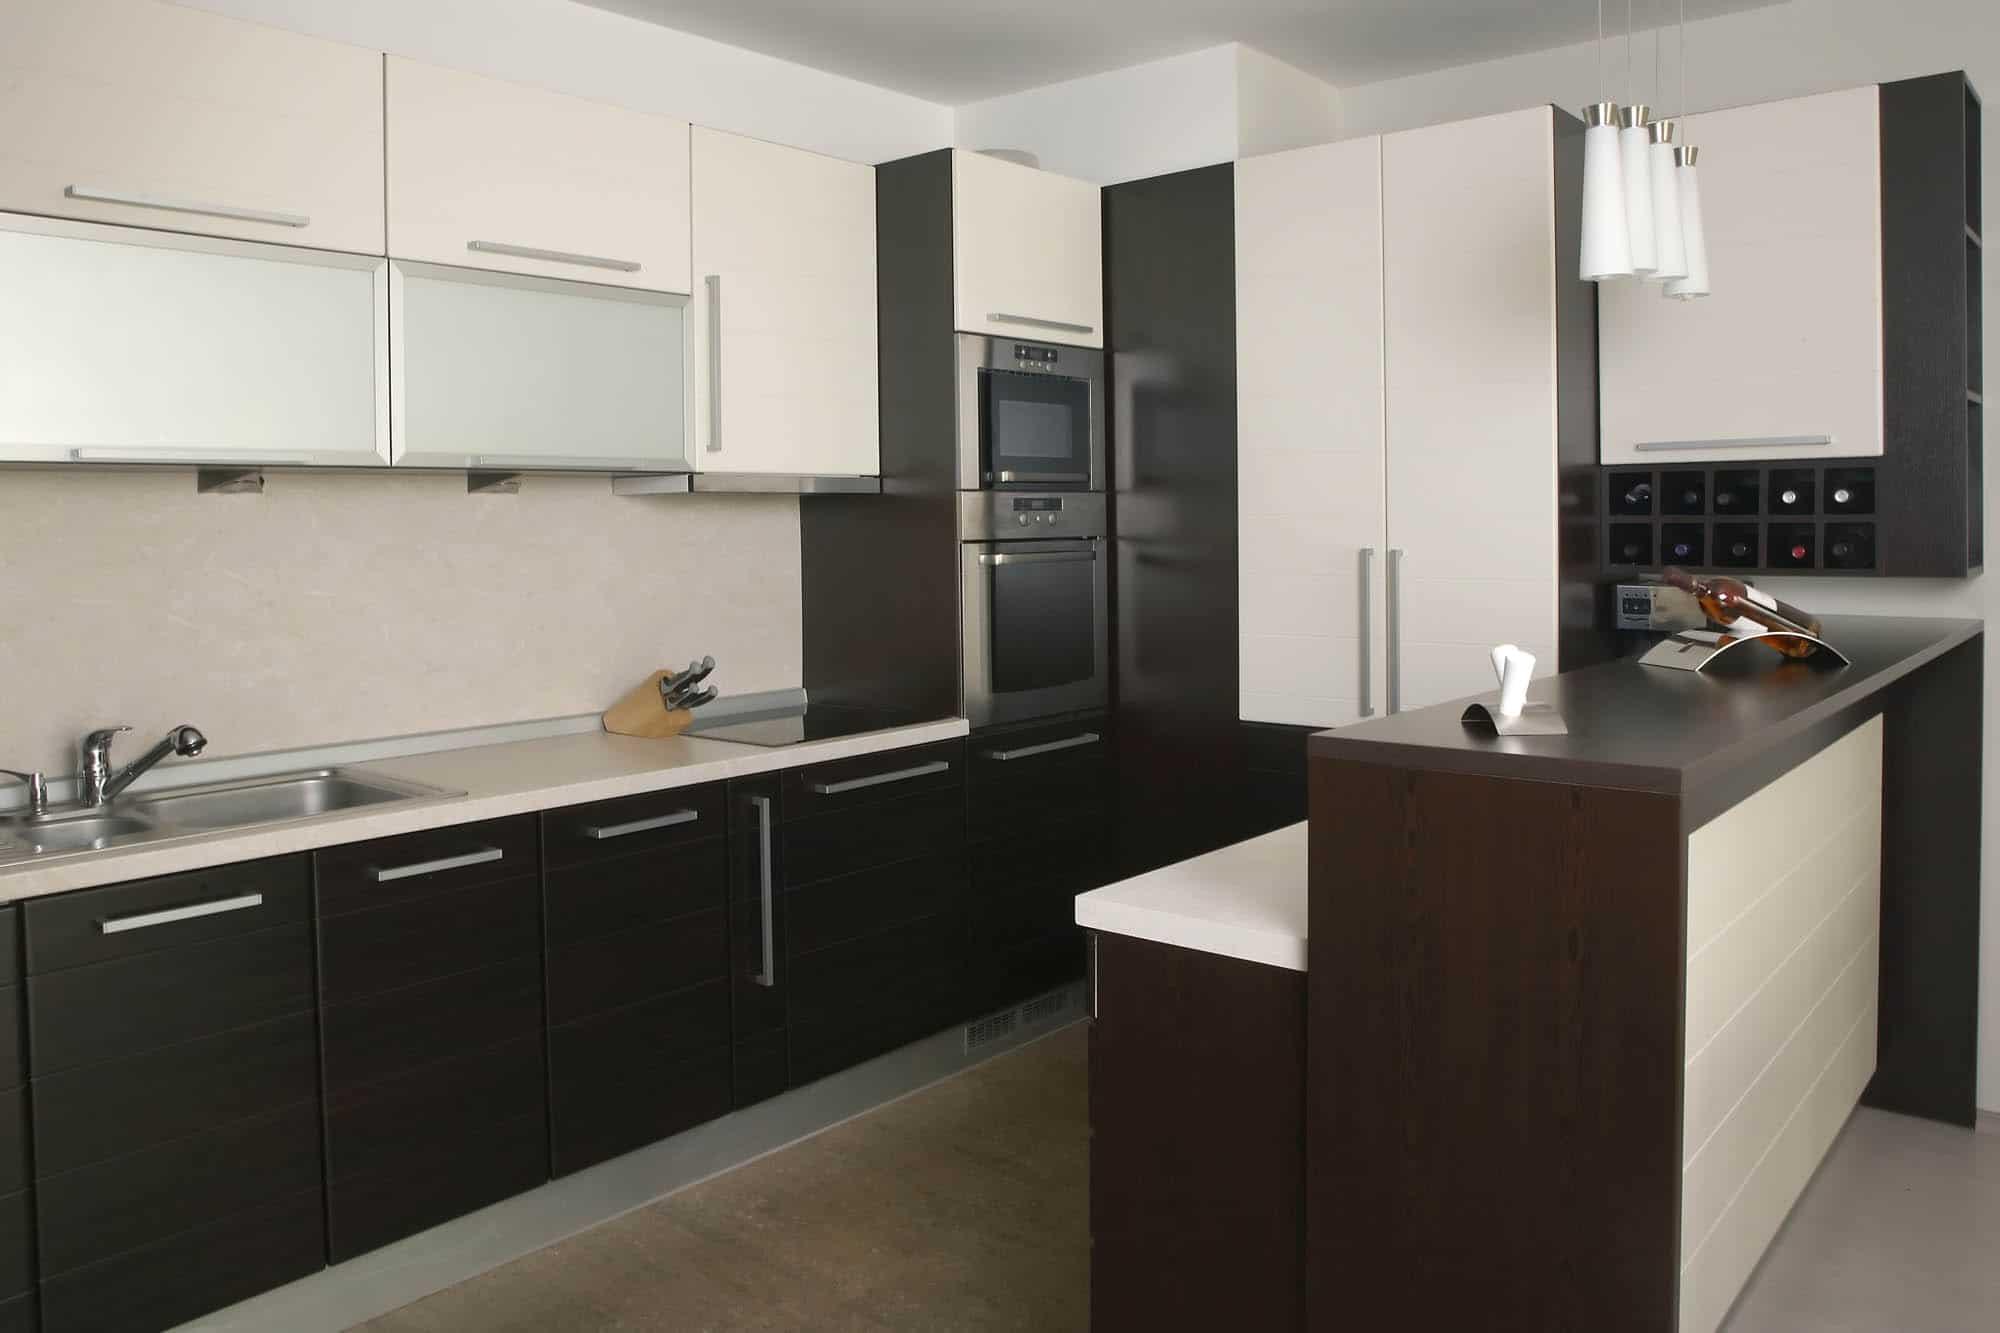 Correcta distribuci n de los muebles de cocina murelli for Distribucion de muebles de cocina